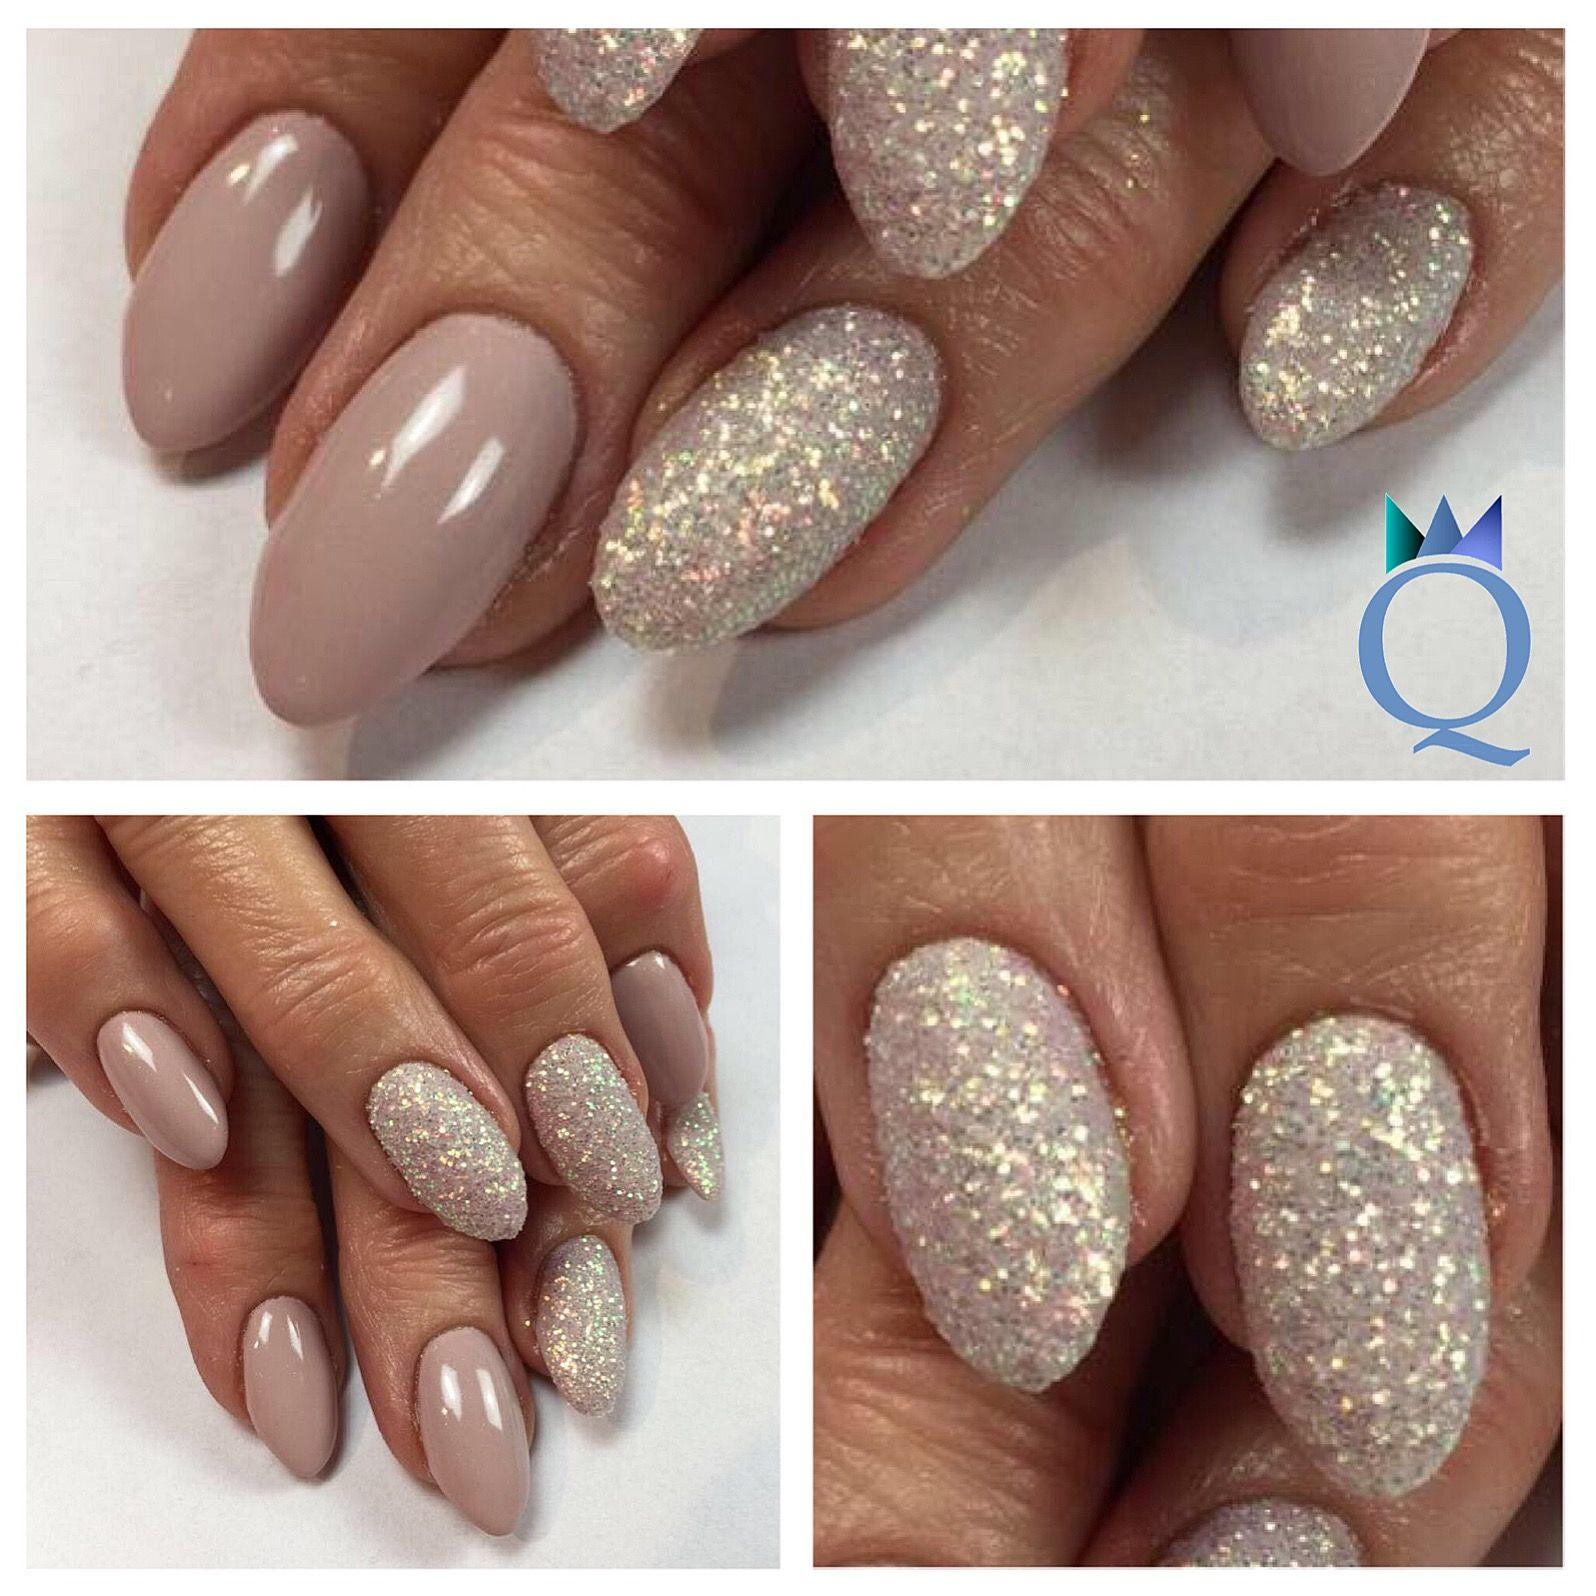 Bezaubernd Gelnägel Elegant Galerie Von #almondnails #gelnails #nails #taupe #glitter #mandelform #gelnägel